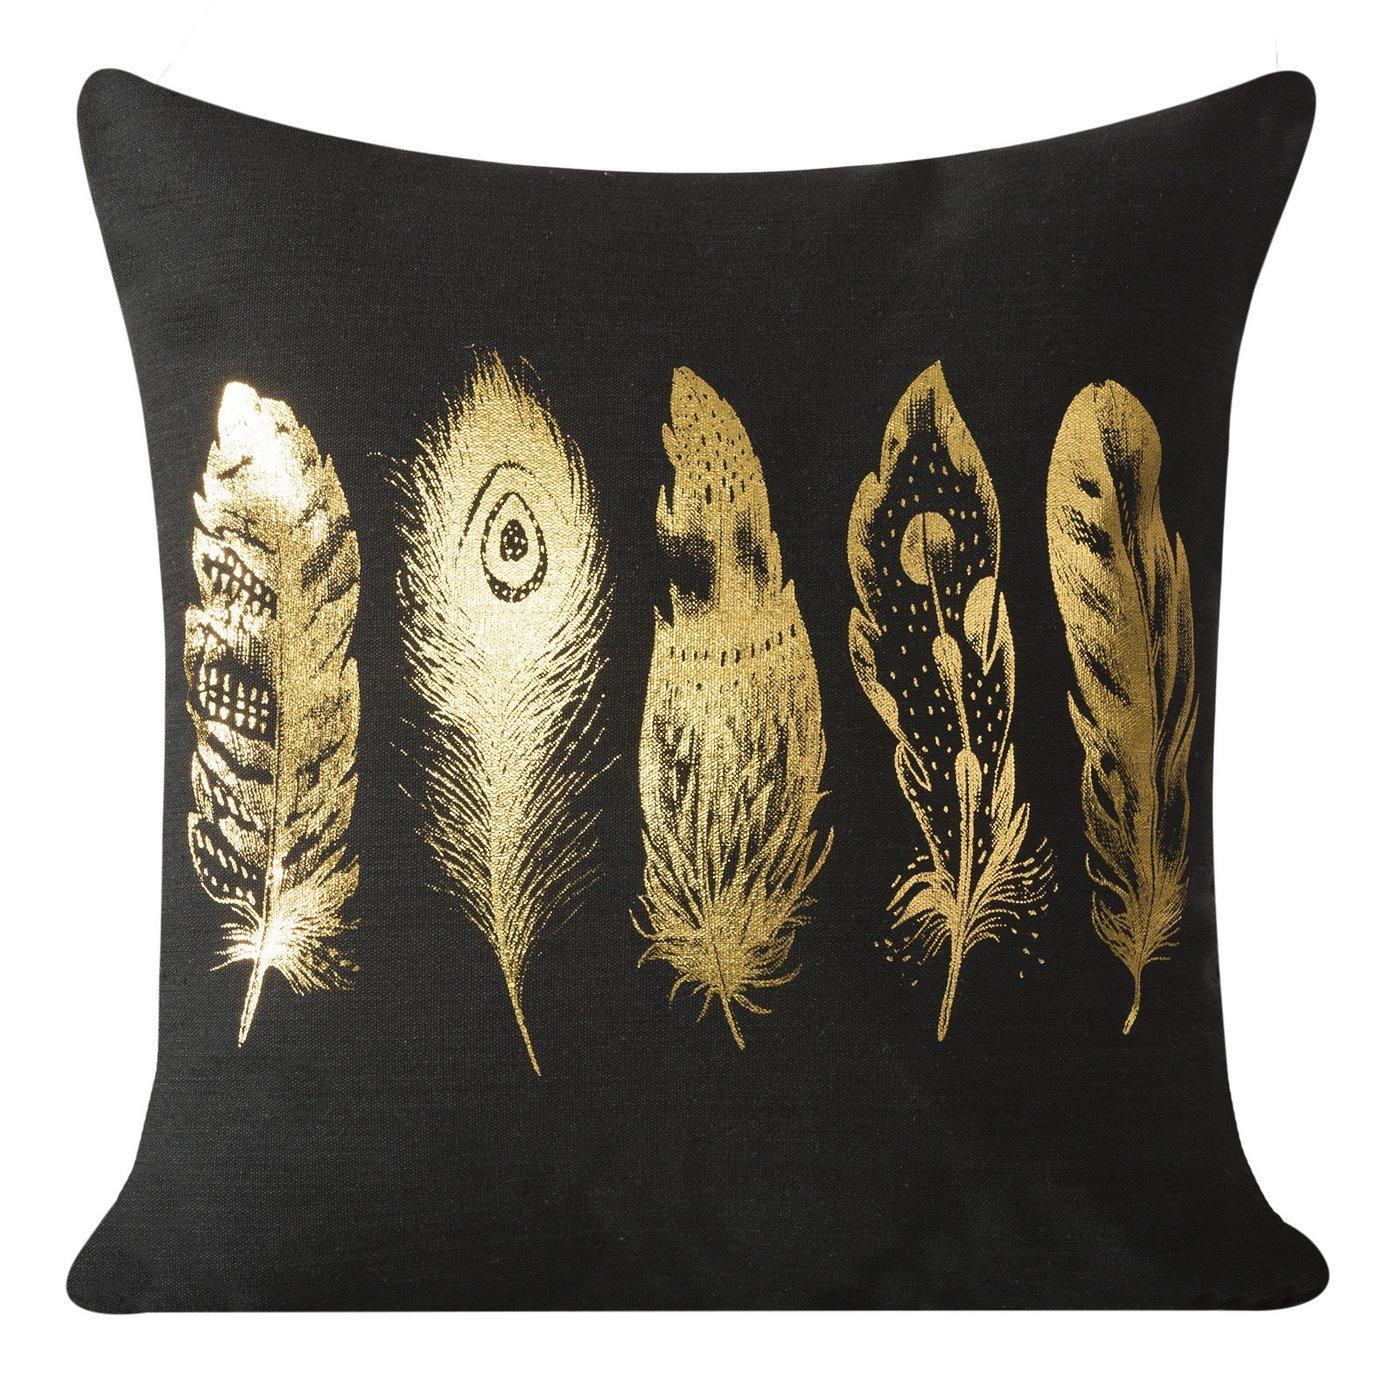 Poszewka na poduszkę 40 x 40 cm pióra czarno złota